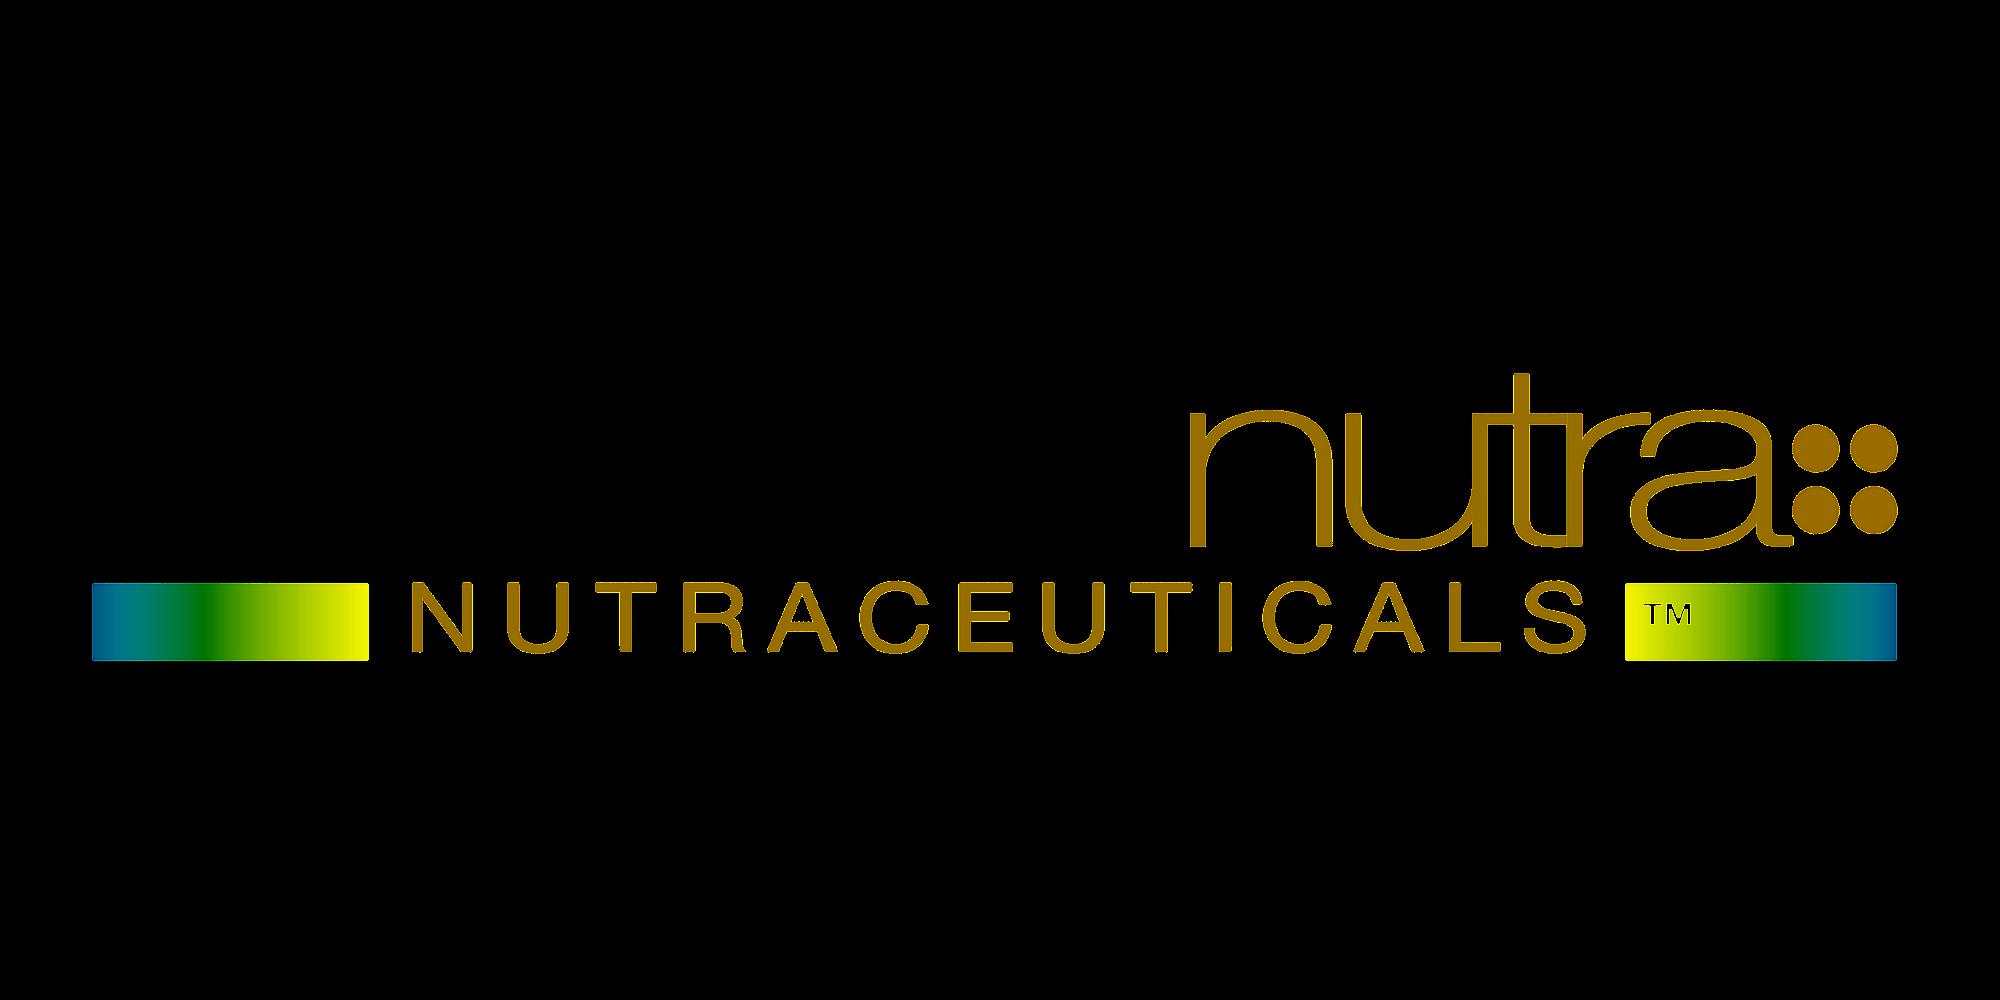 Doctorsnutra